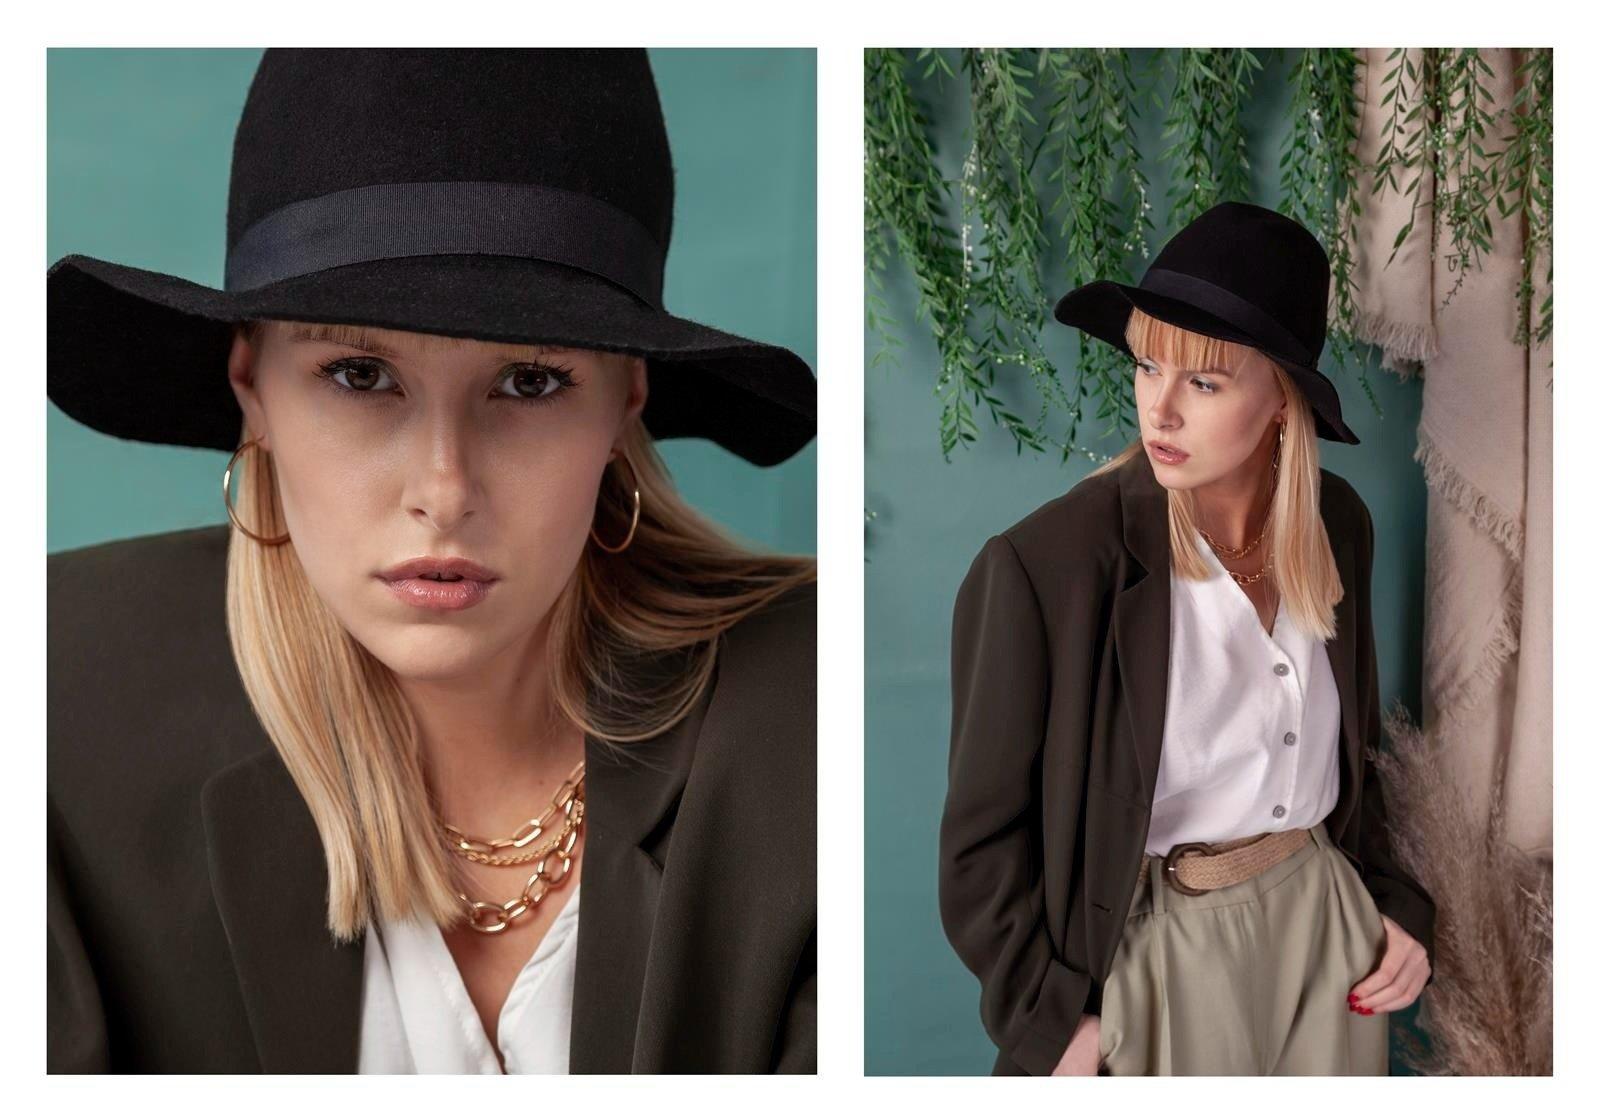 Wro Fashion Foto – jedyna taka wystawa fotografii mody do obejrzenia w Pasażu Grunwaldzkim